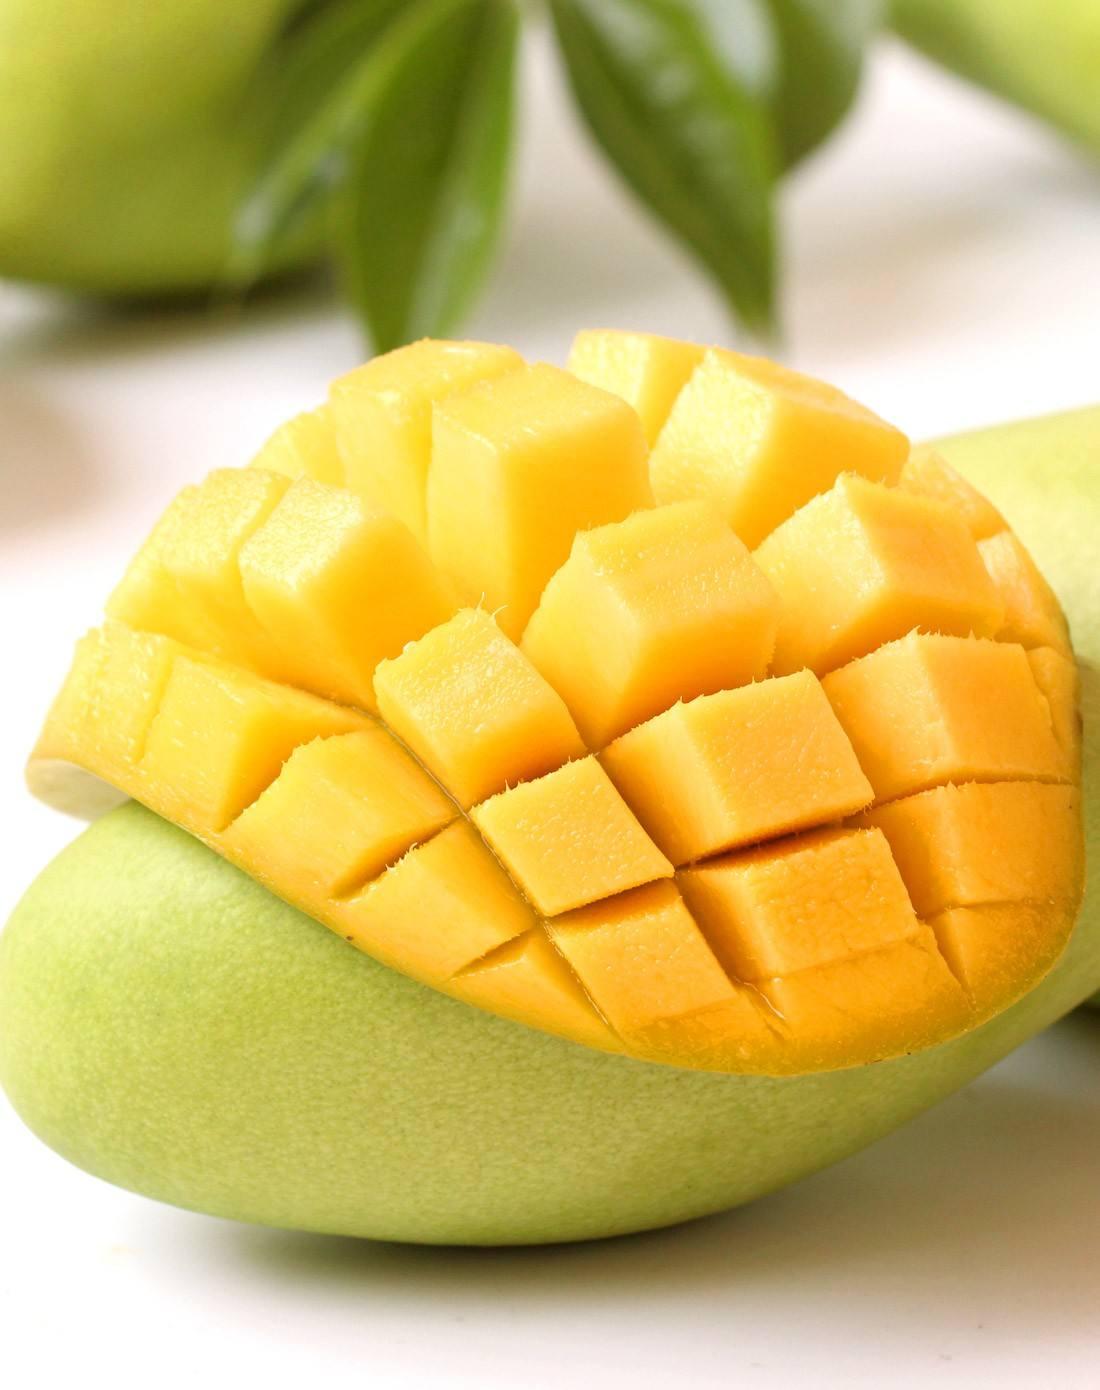 以芒果为主材的保健食谱